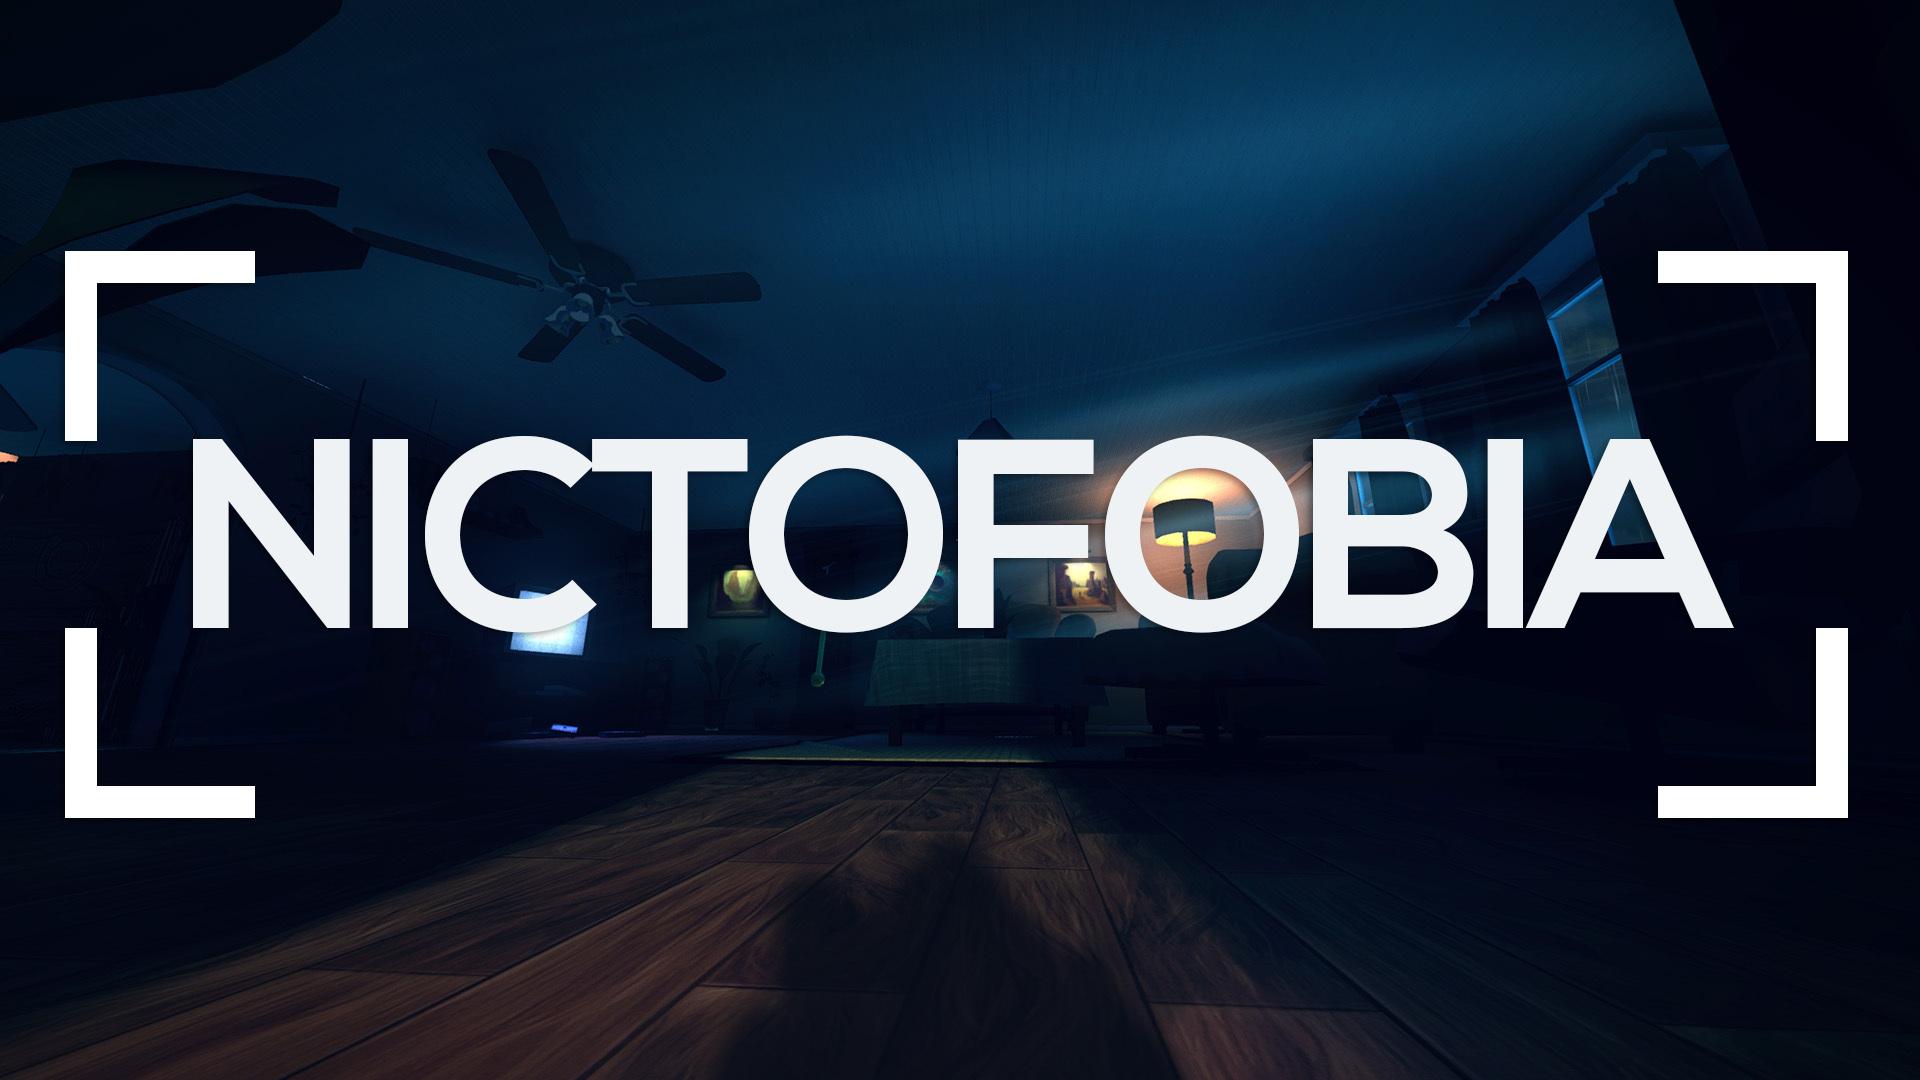 Se muestra una habitación oscura y la palabra nictofobia